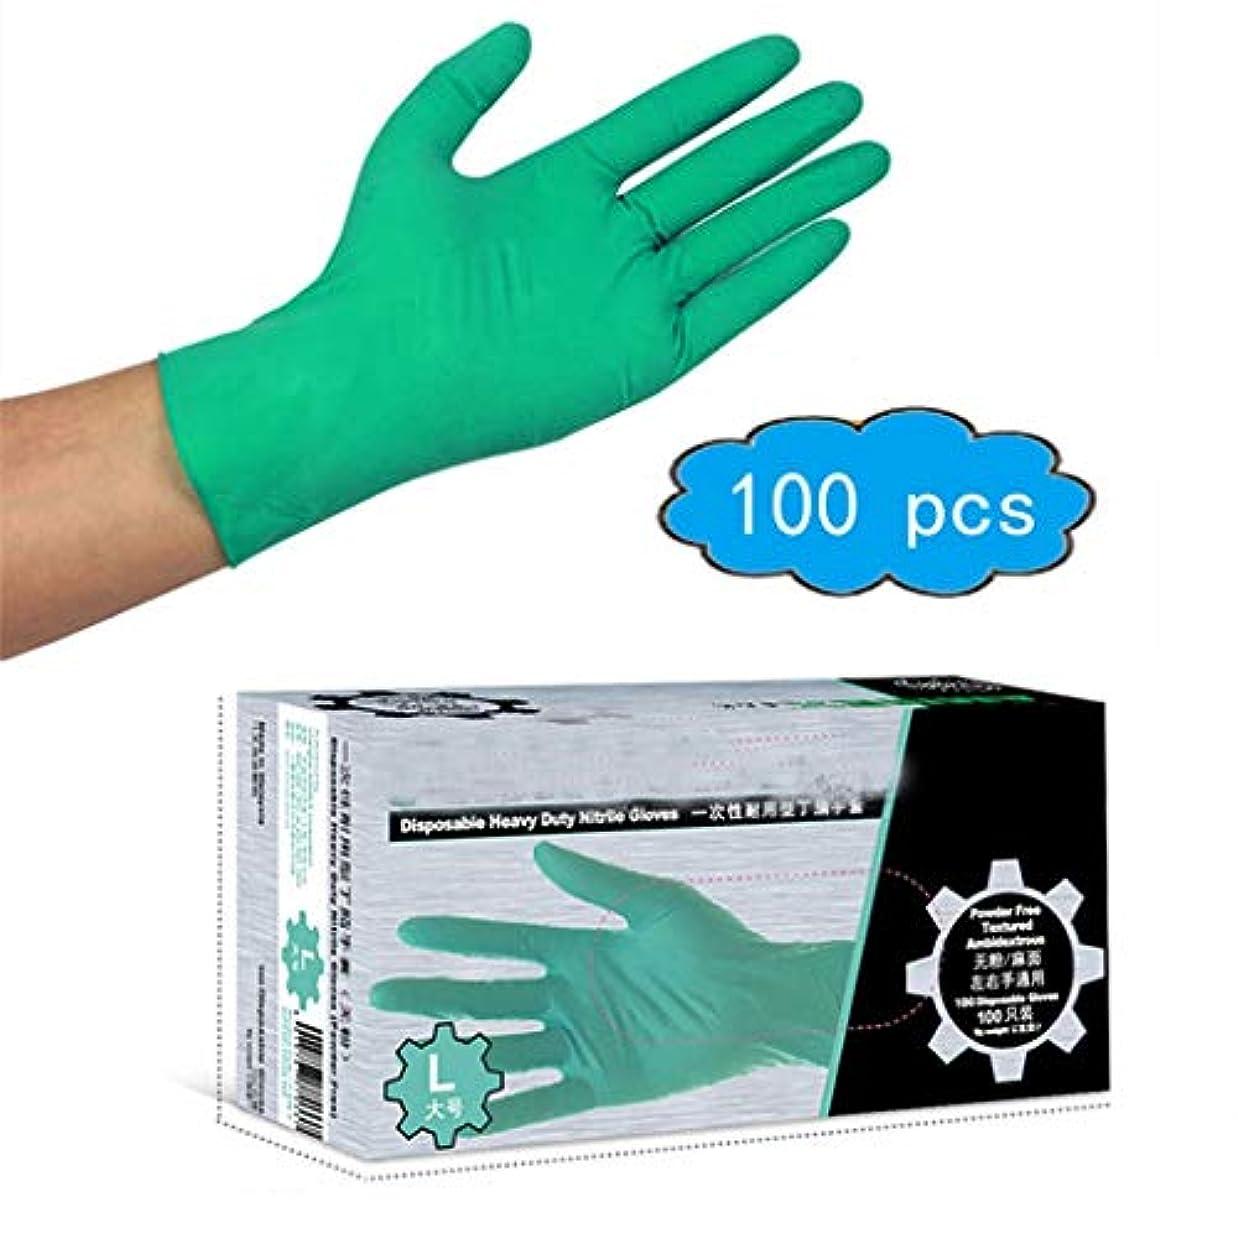 週末相対性理論帽子使い捨てニトリル手袋、100箱、厚くて耐久性のある、緑、ニトリル研究所、耐油性、酸およびアルカリ、食品用手袋 (Color : Green, Size : L)